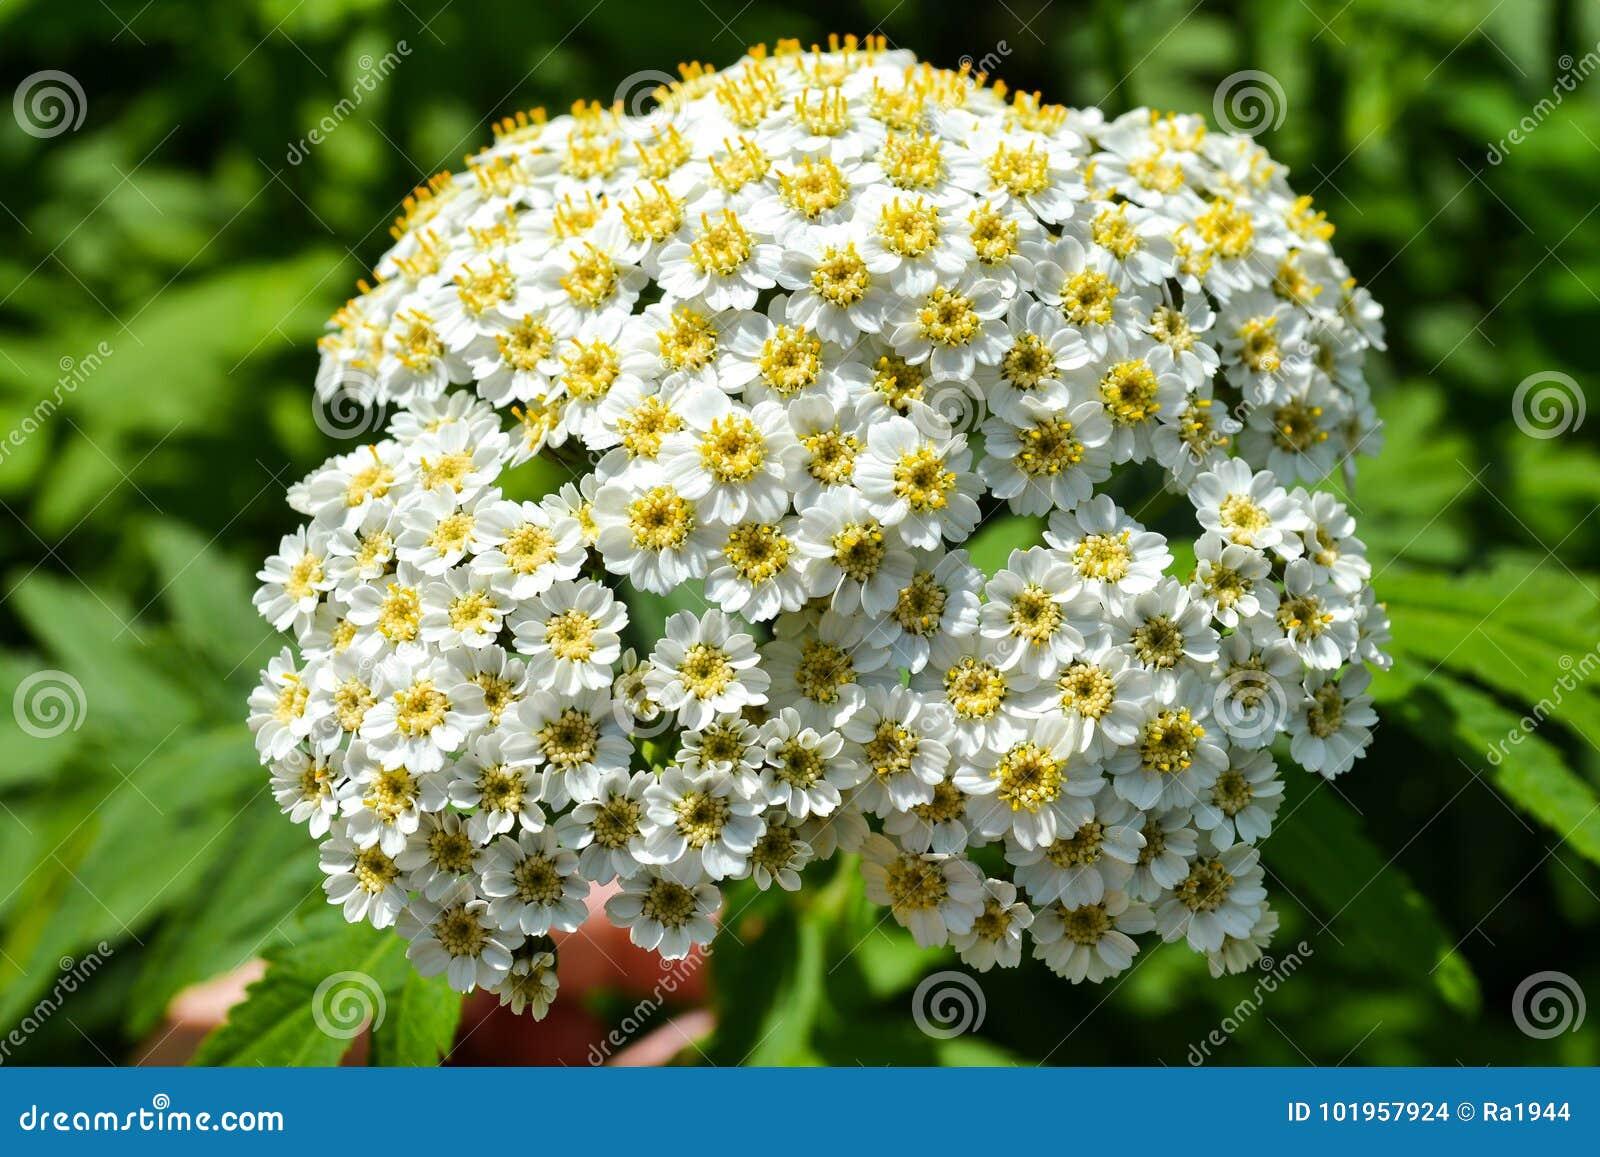 Fleurs blanches de petit ressort dans une inflorescence Soyez semblable à une camomille